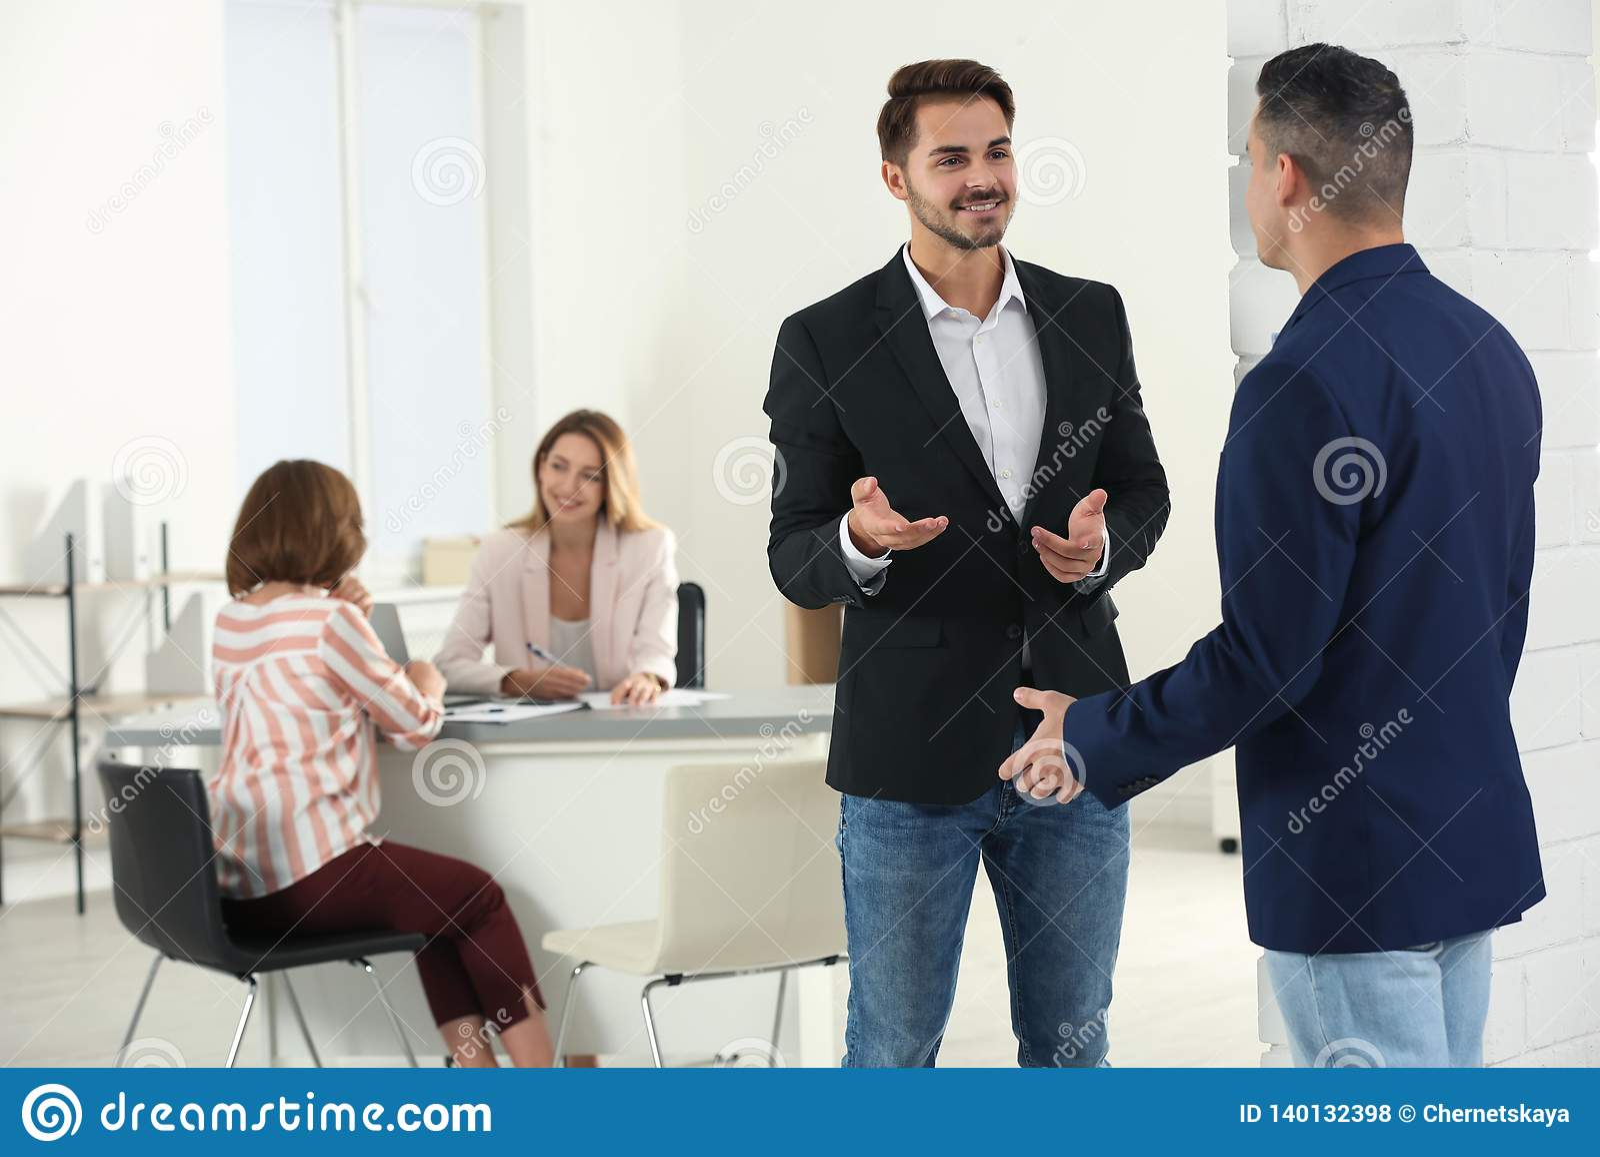 Διευθυντής ανθρώπινων δυναμικών που μιλά με τον υποψήφιο πριν από τη συνέντευξη εργασίας